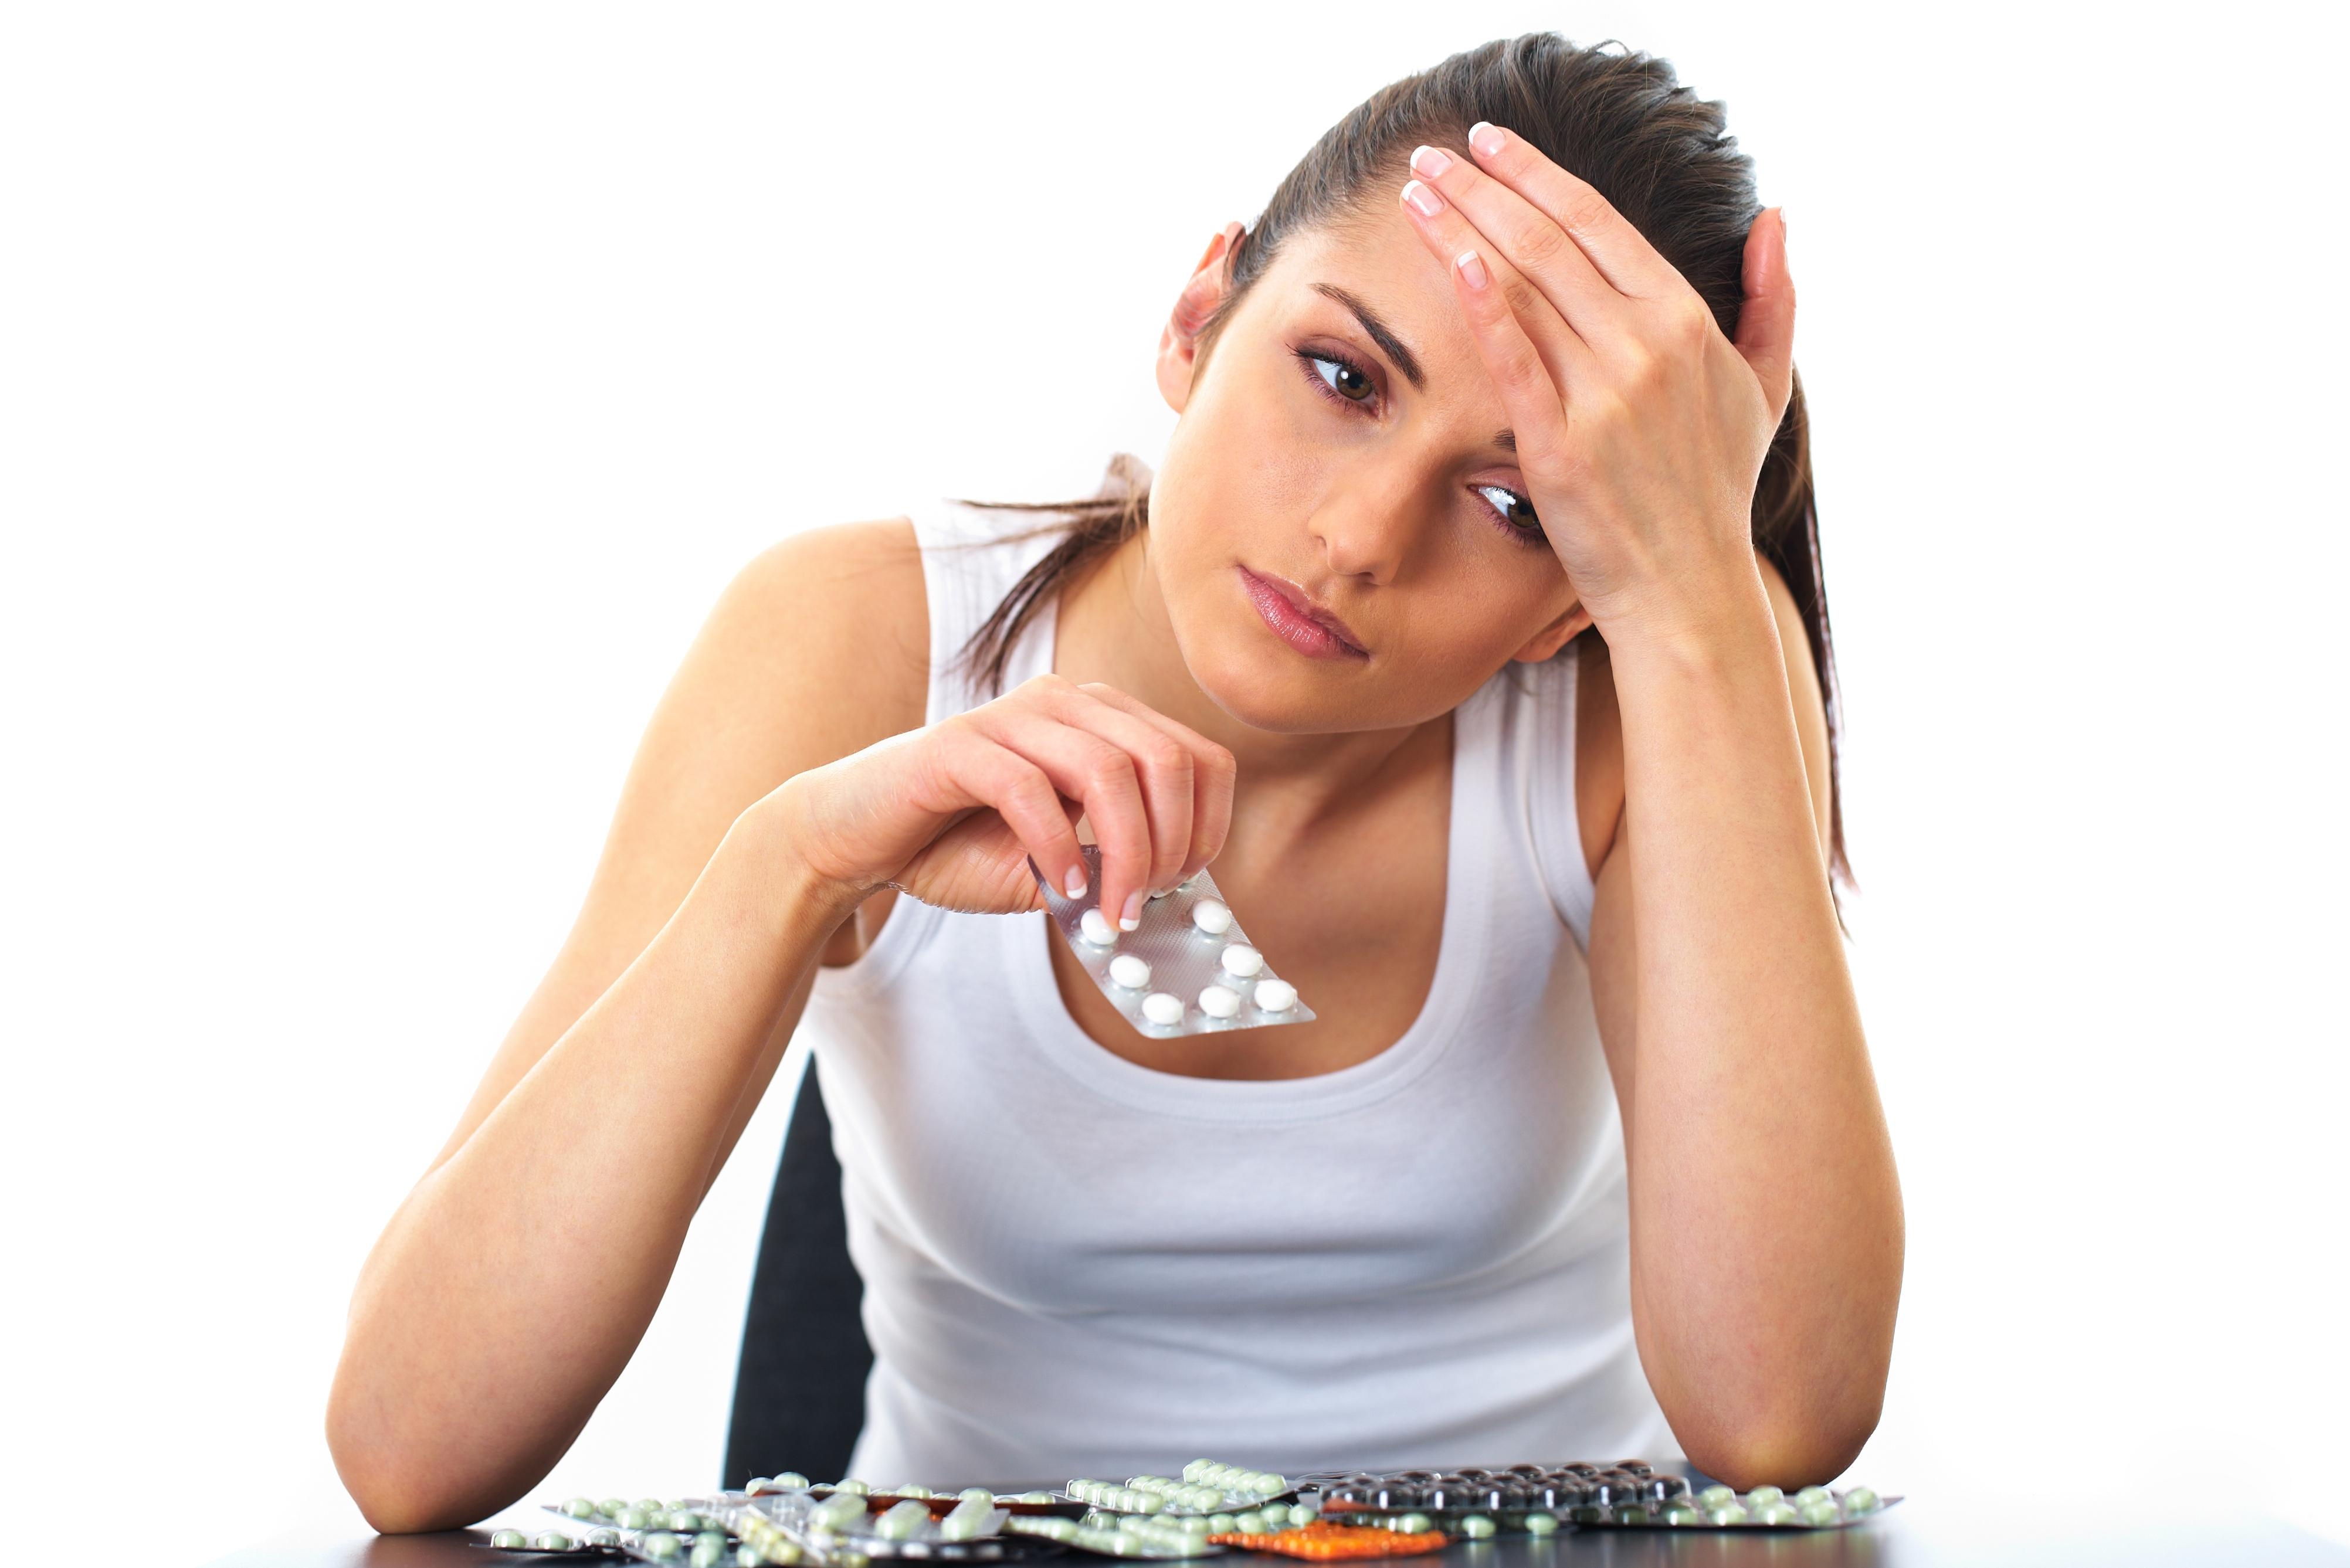 Is Fibromyalgia A Real Illness? - emedicalnews.com